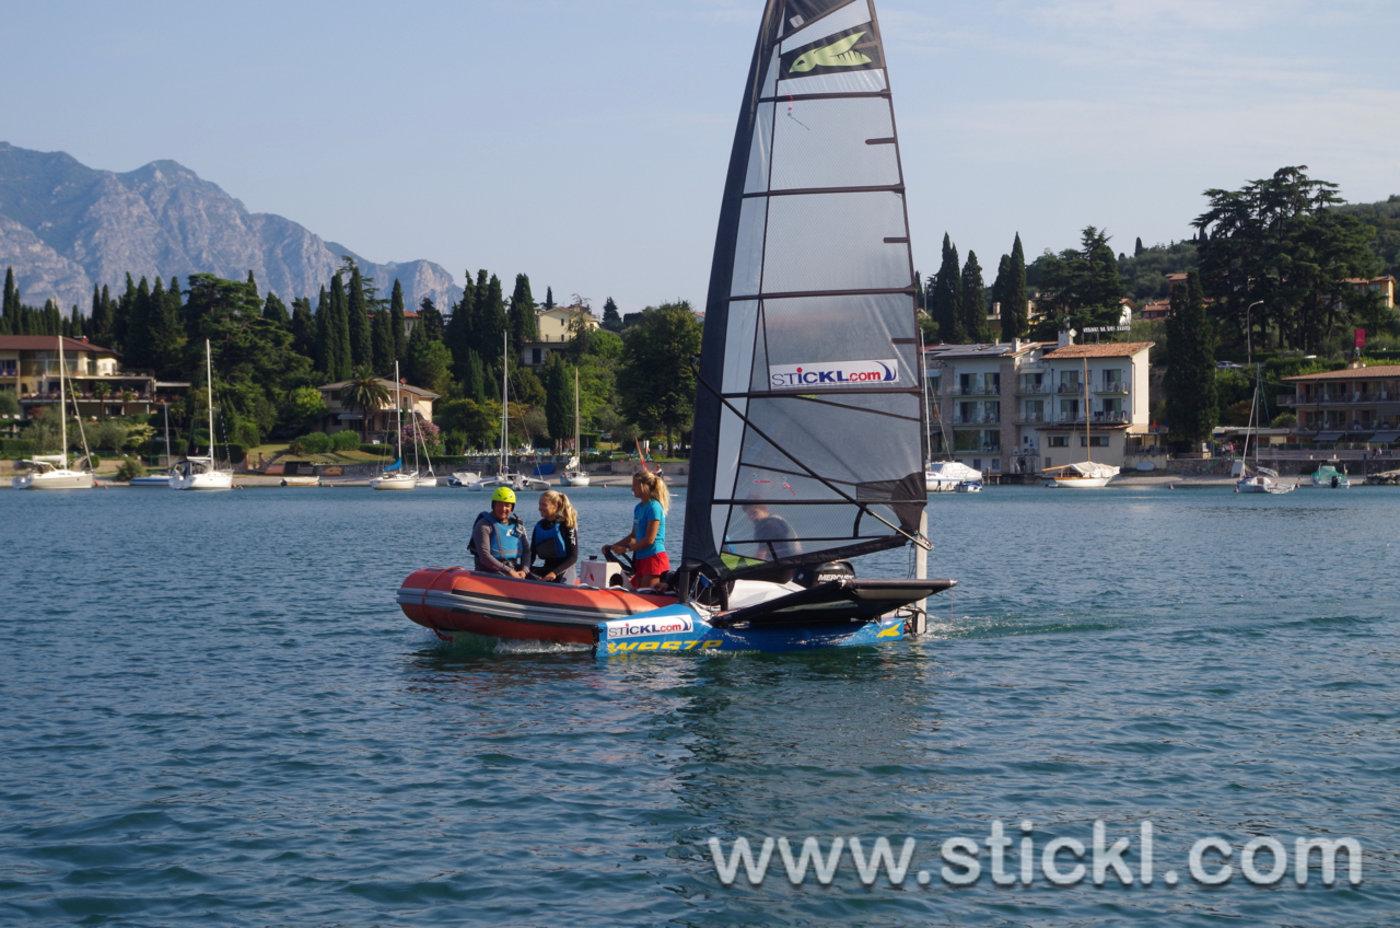 Waszp Segler und Trainerboot